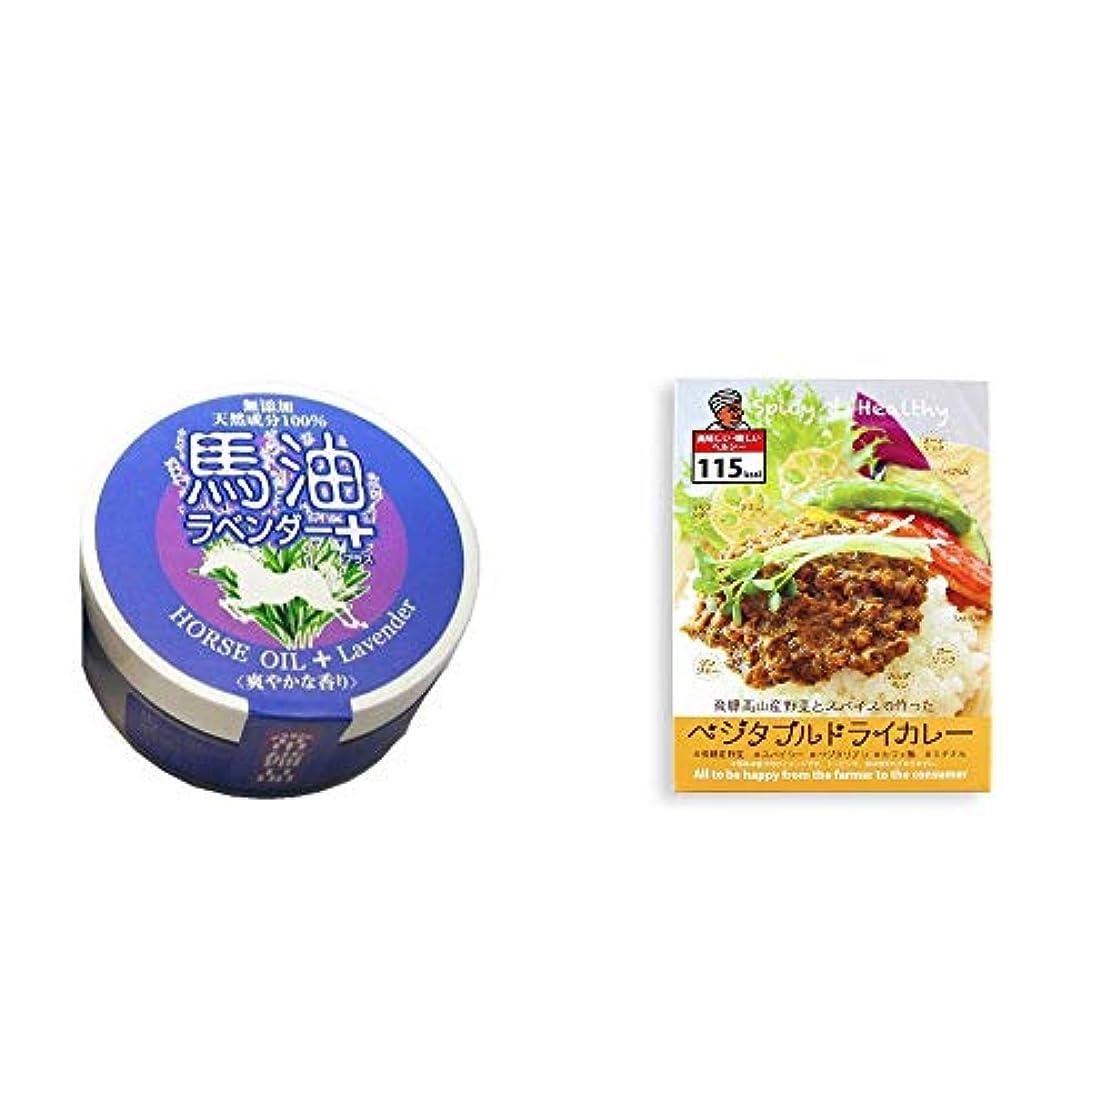 [2点セット] 無添加天然成分100% 馬油[ラベンダー](38g)?飛騨産野菜とスパイスで作ったベジタブルドライカレー(100g)